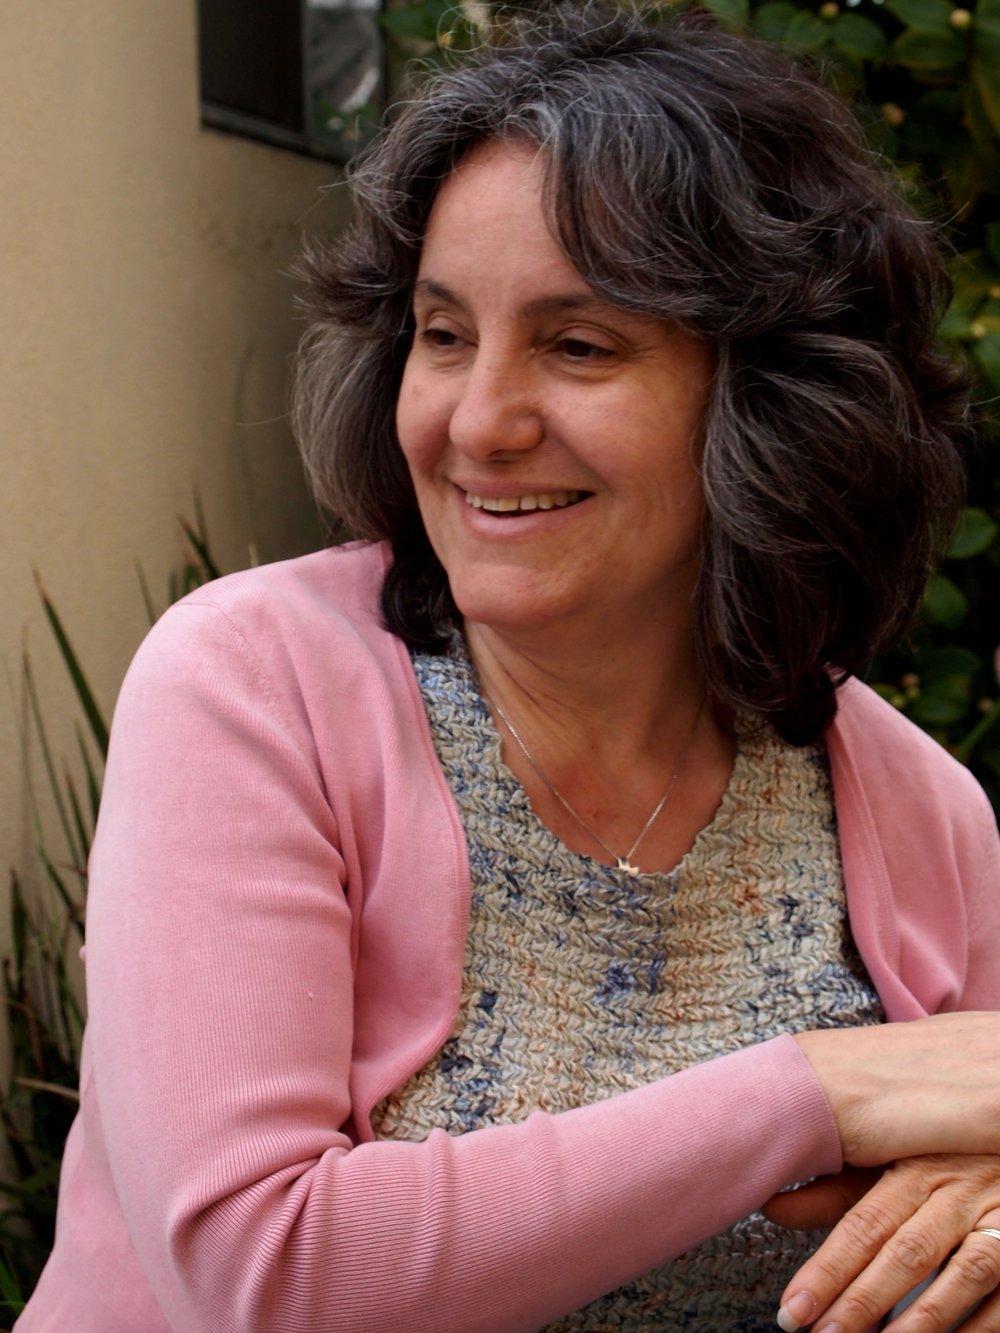 Rosanne Welch